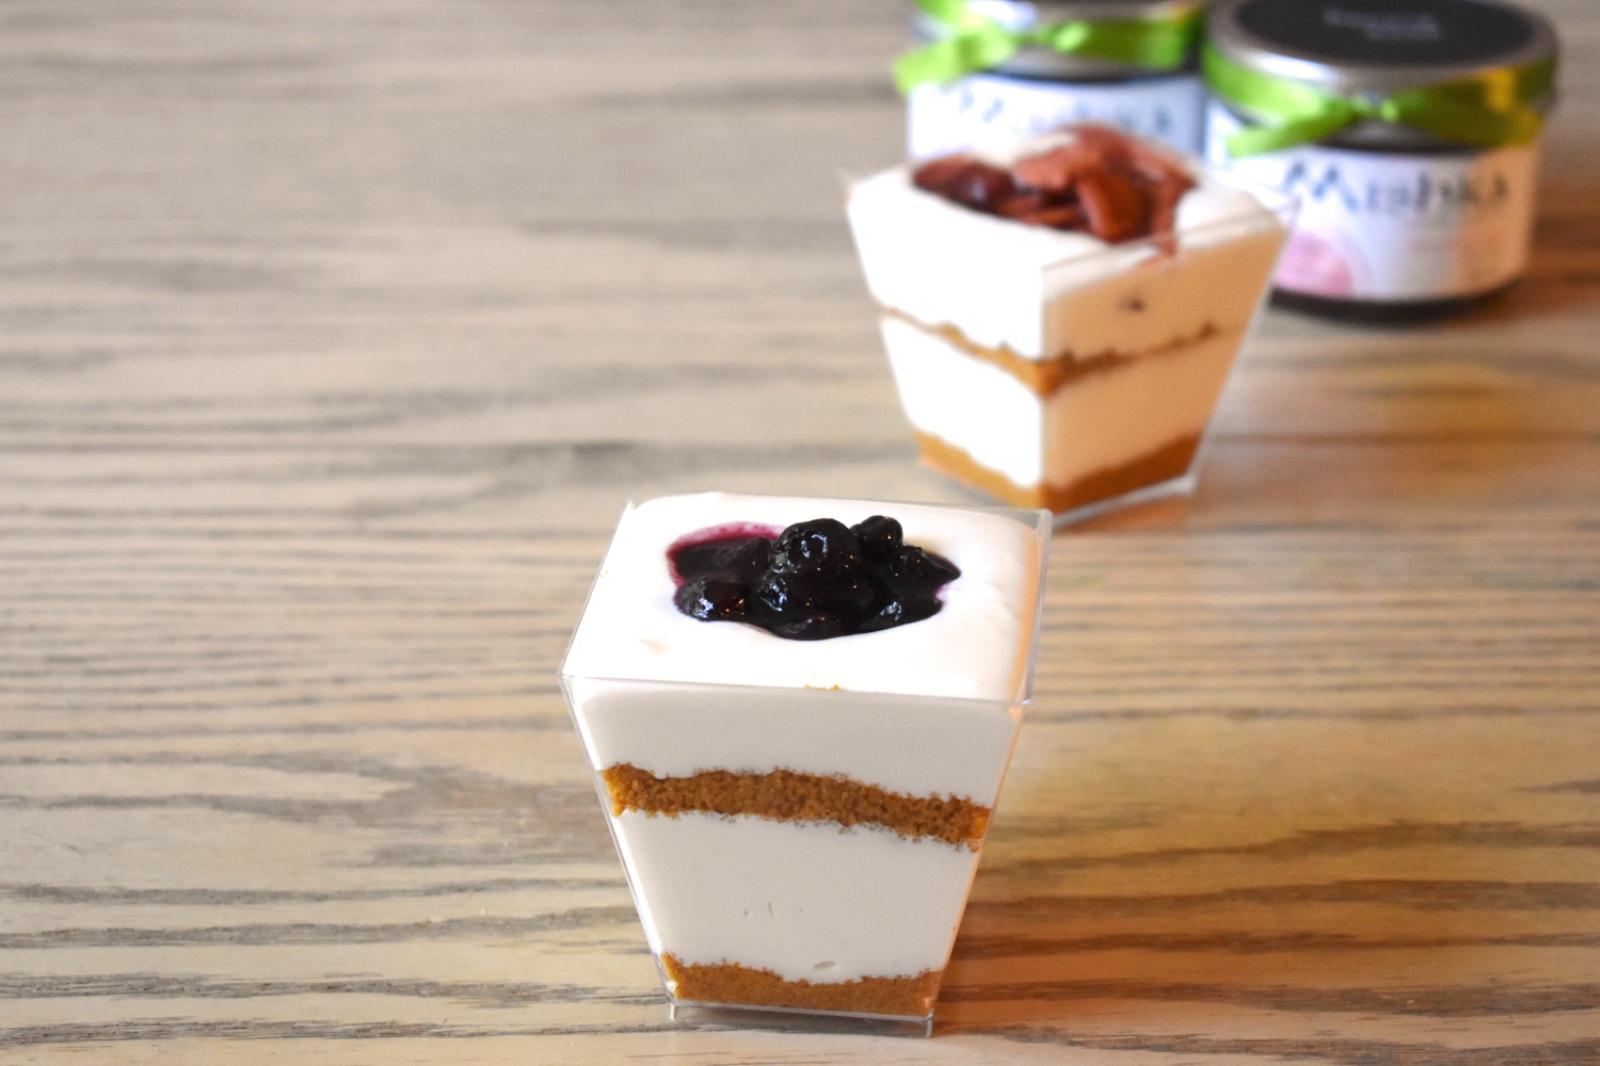 Mini-gâteaux au fromage sans cuisson - Auboutdelalangue.com (7)